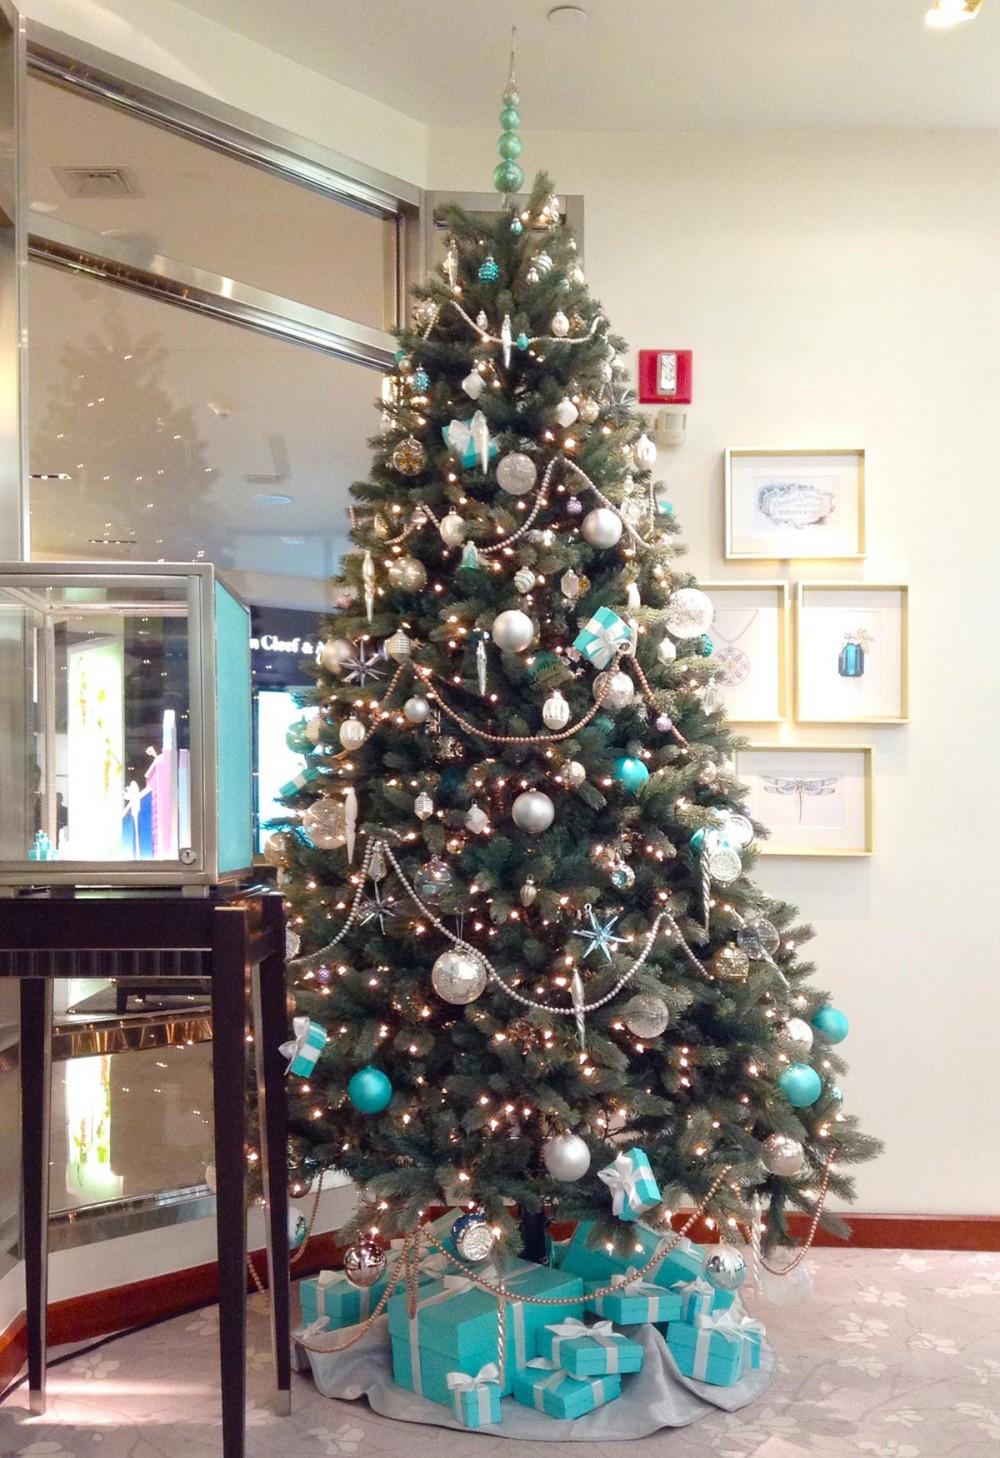 ティファニーのブティック内に飾られたクリスマスツリー (Tギャラリアグアム)